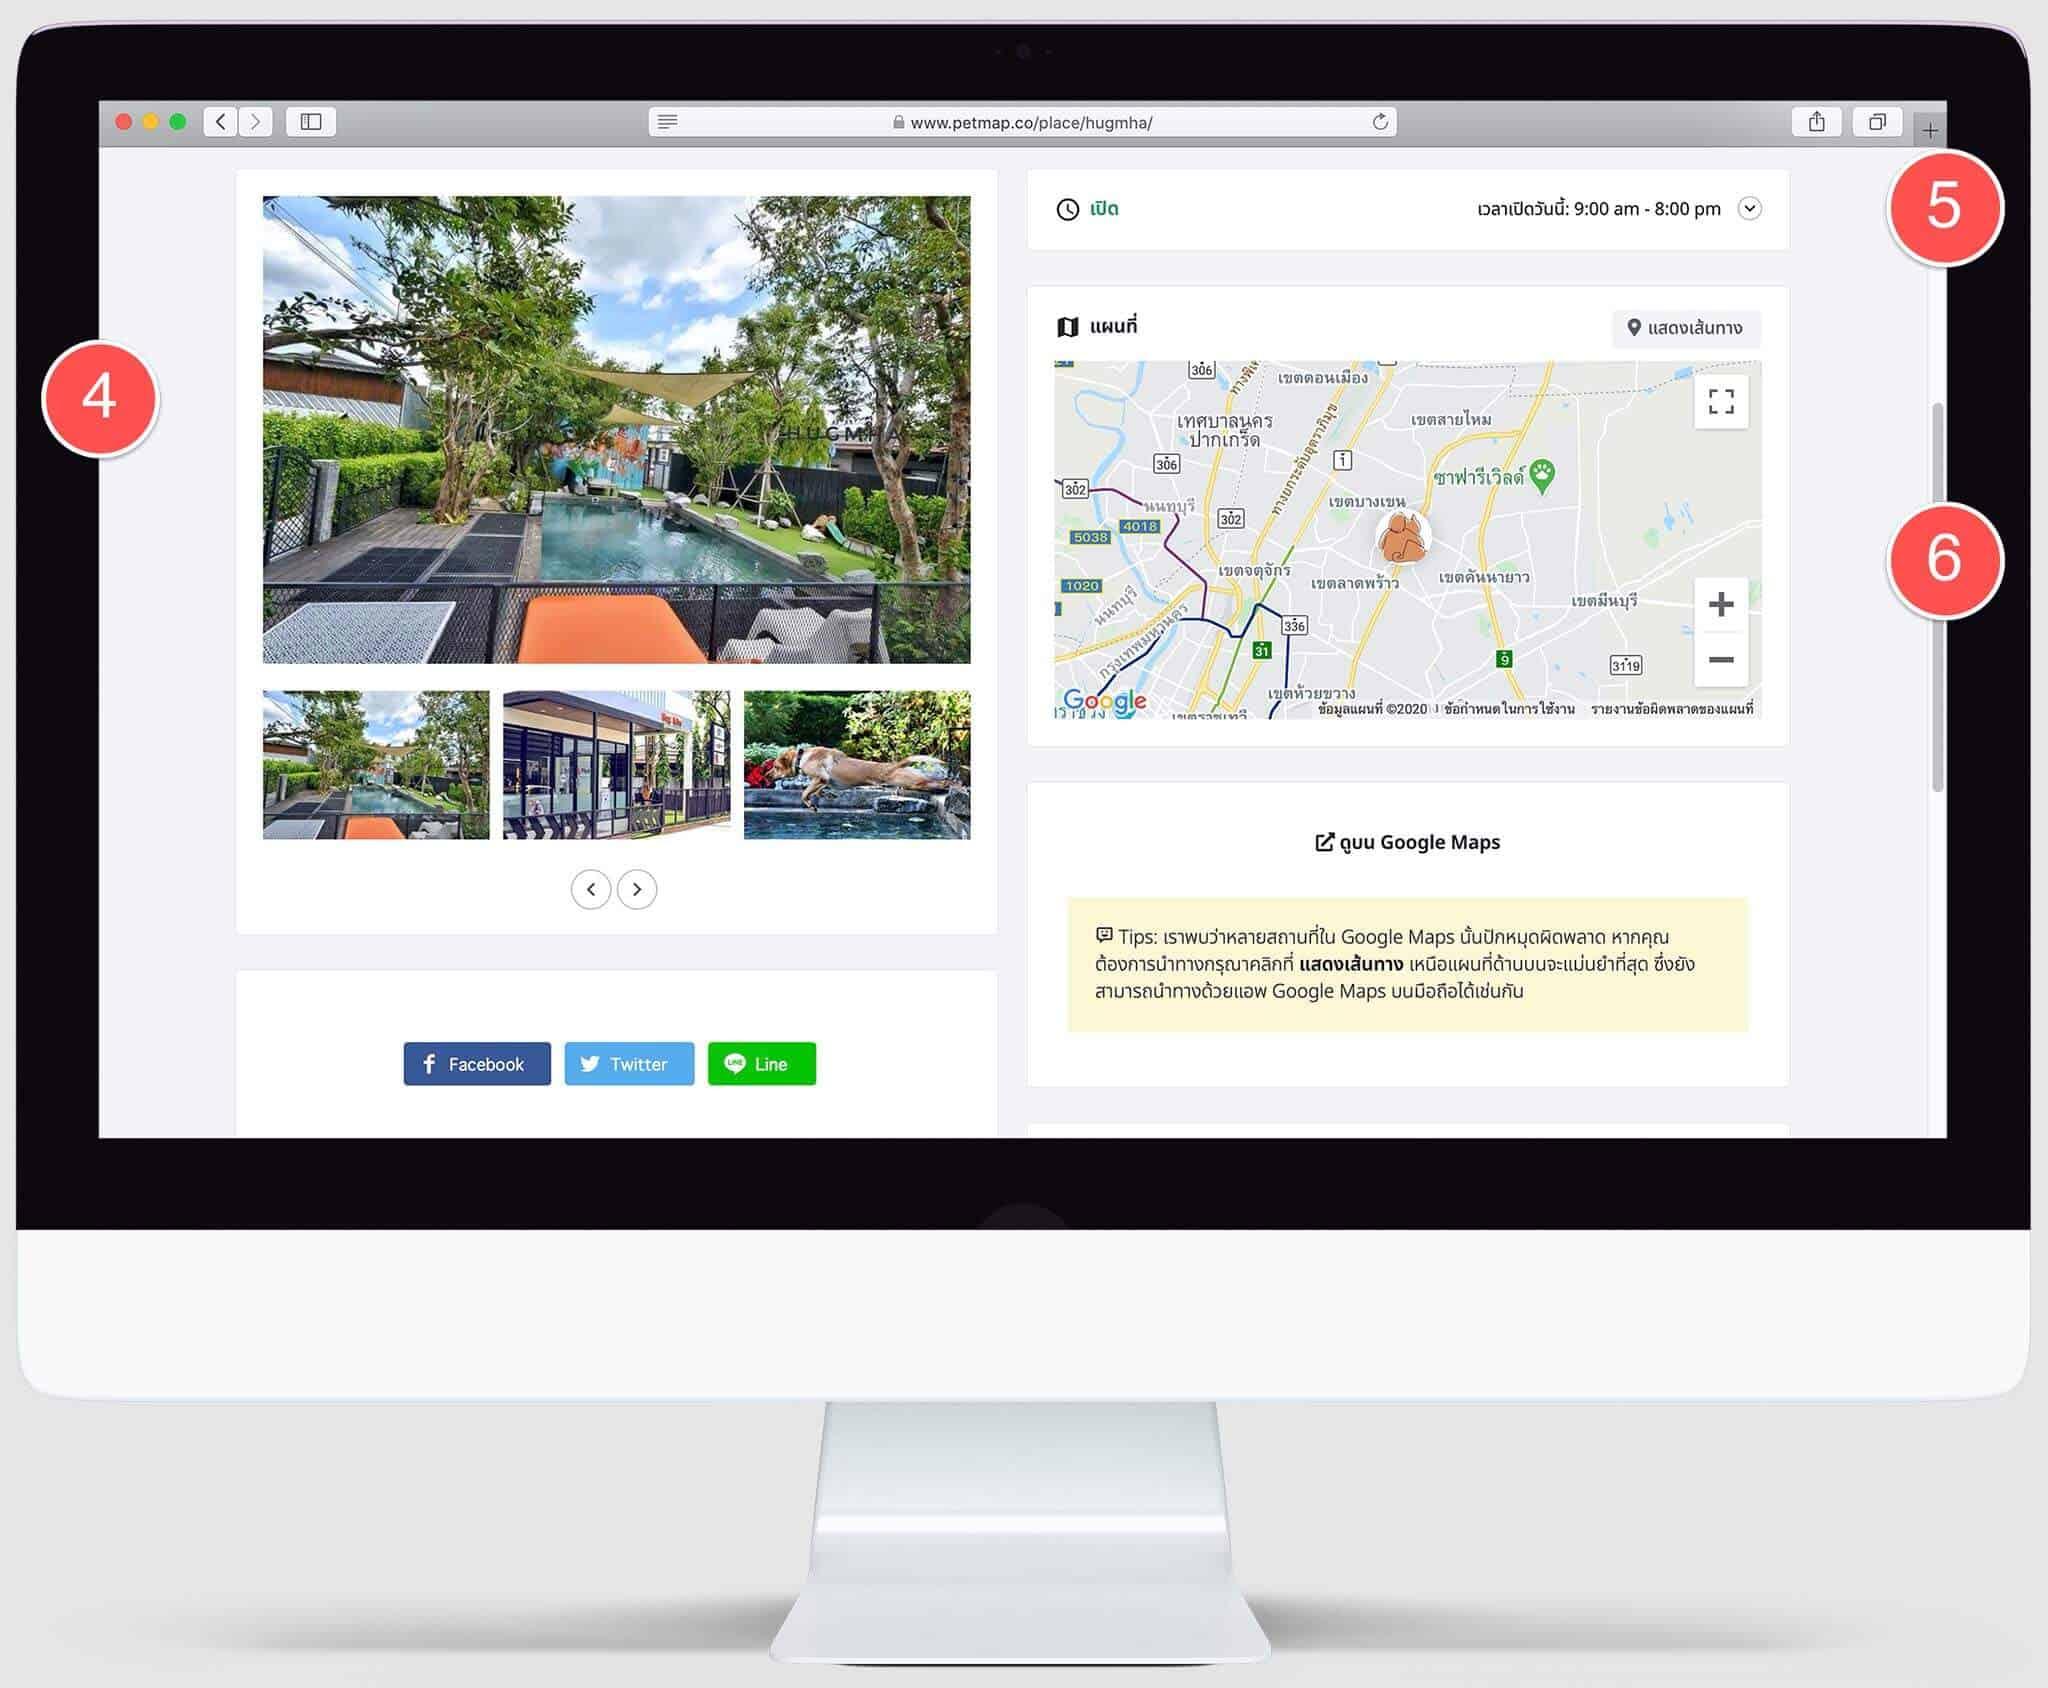 ธุรกิจสัตว์เลี้ยงอัพเกรดฟรีกับ petmap 5